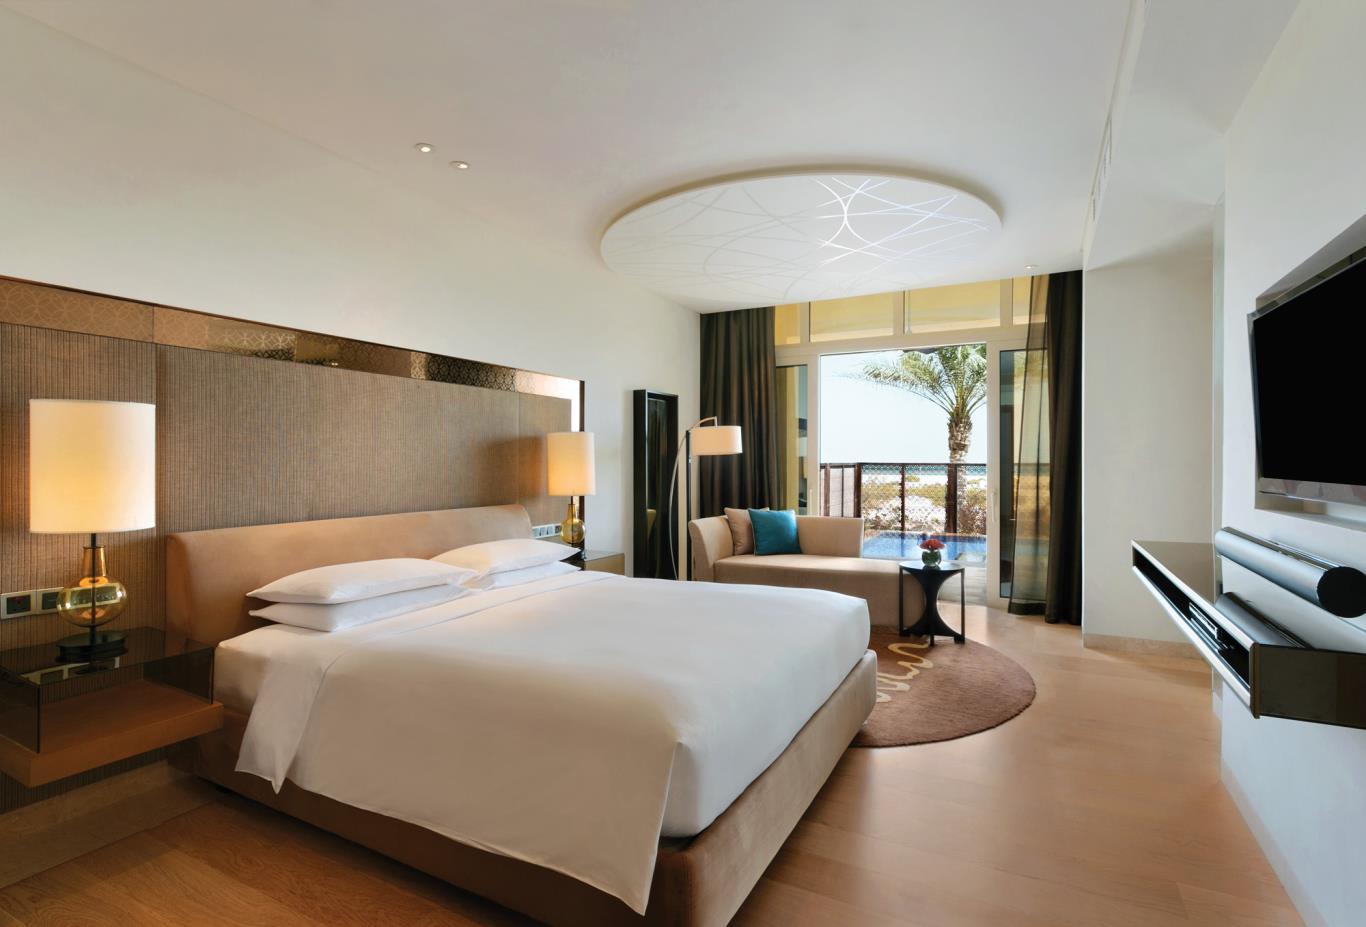 Beach view Suite Bedroom